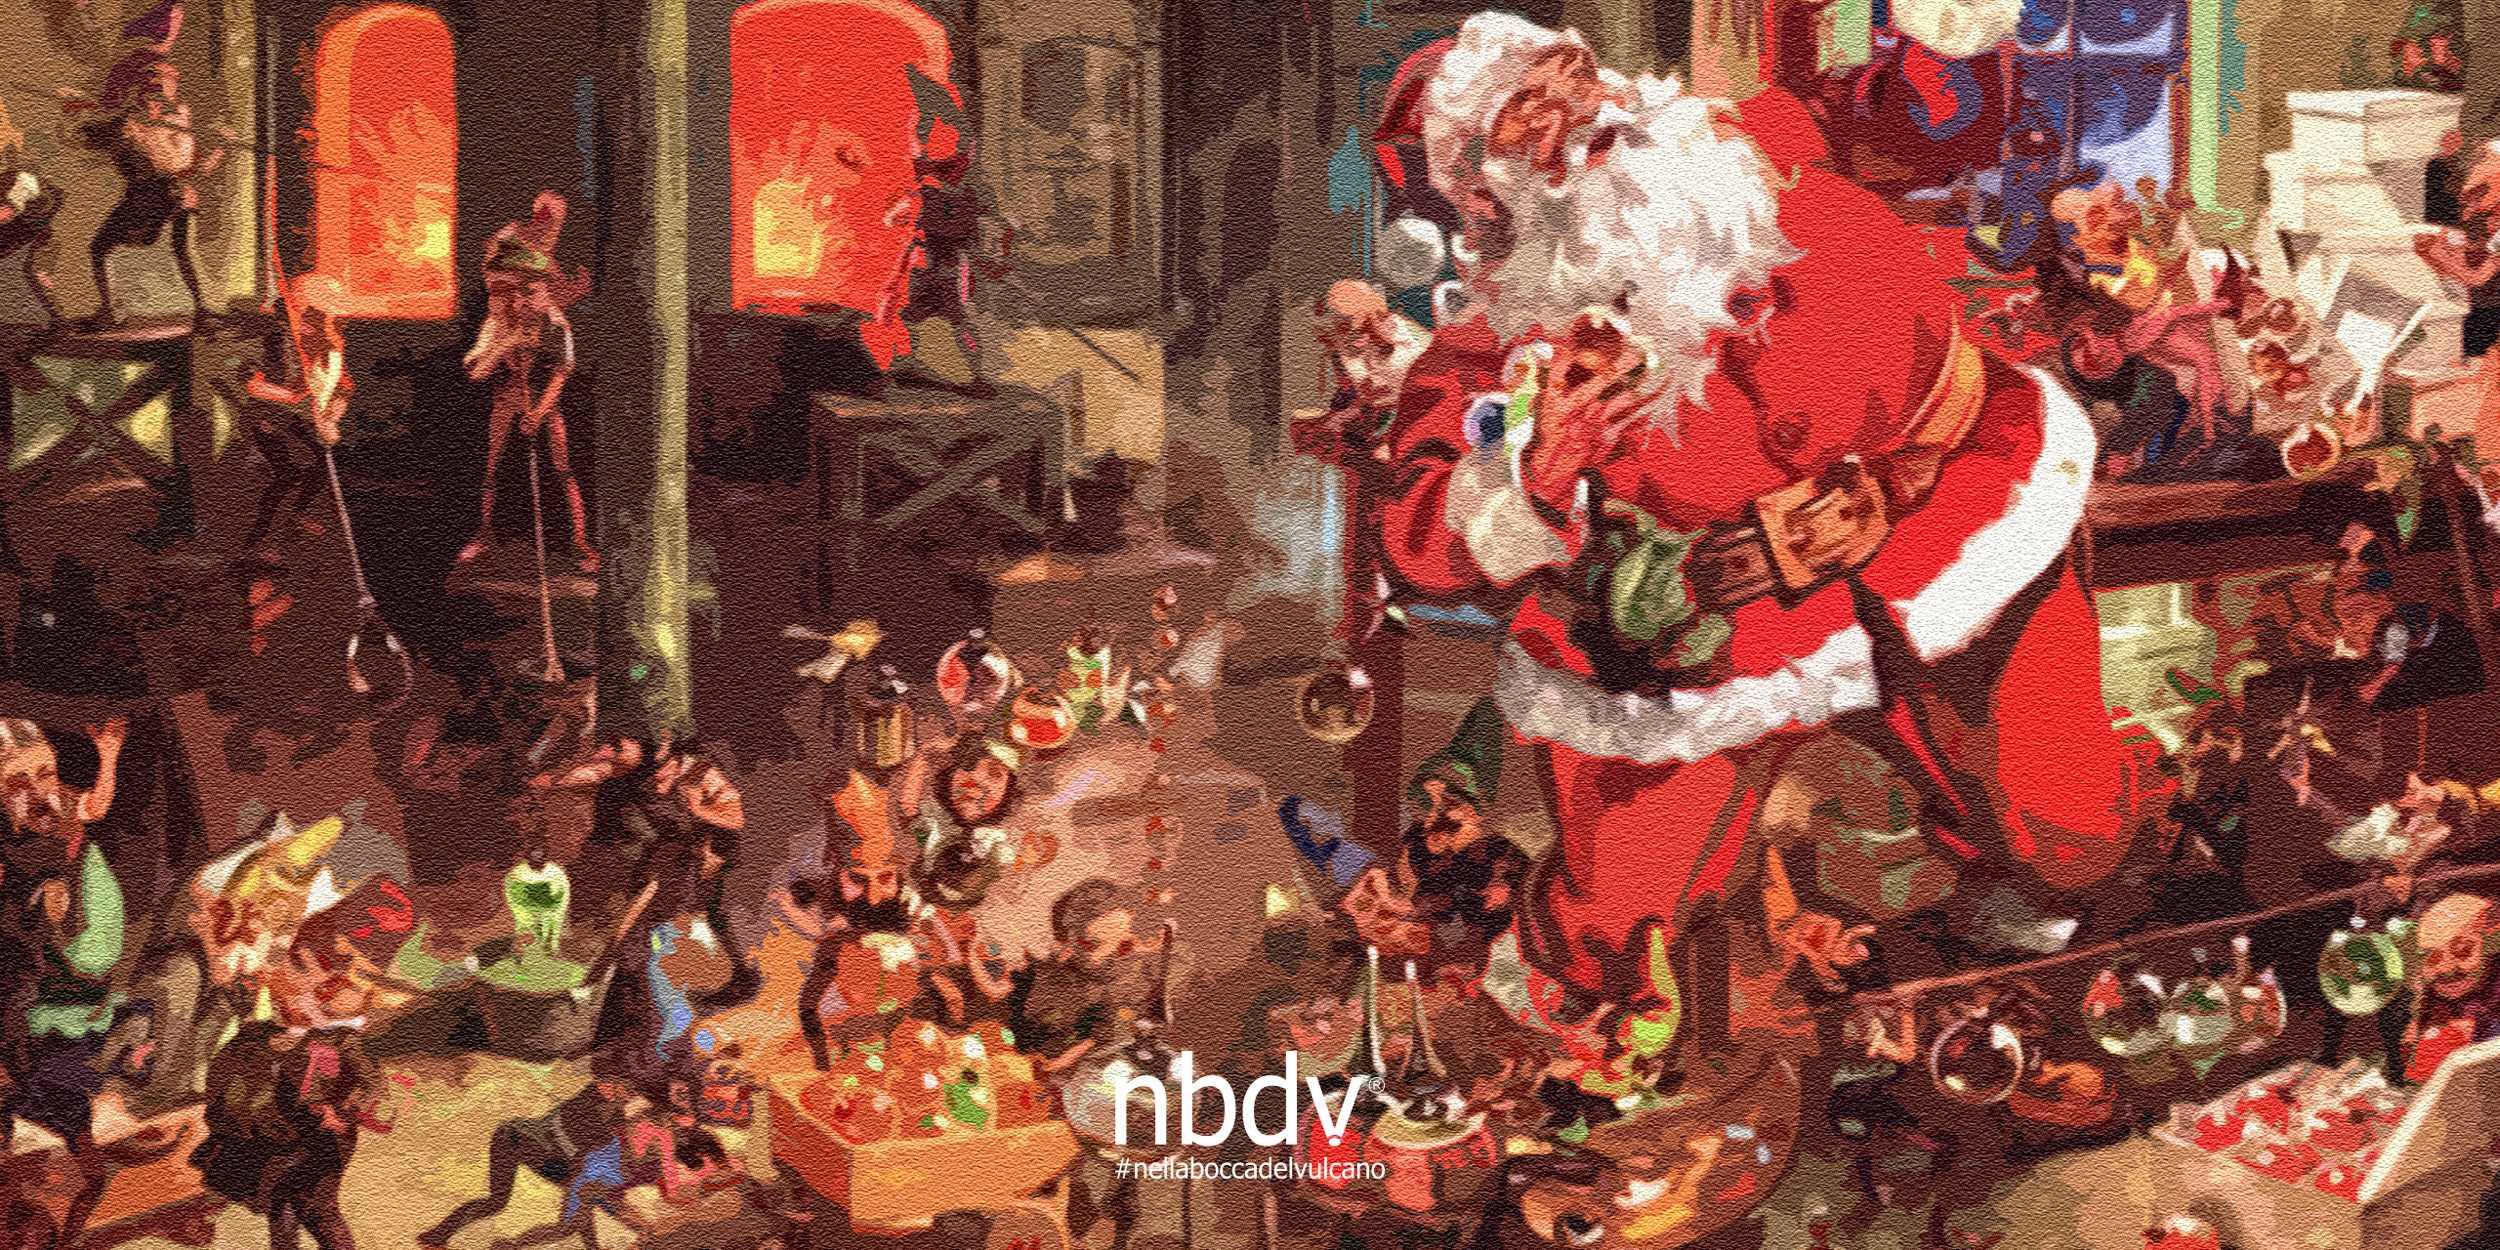 Babbo Natale E Gli Elfi.La Fantastica Intervista Ai Folletti Di Babbo Natale Nbdv